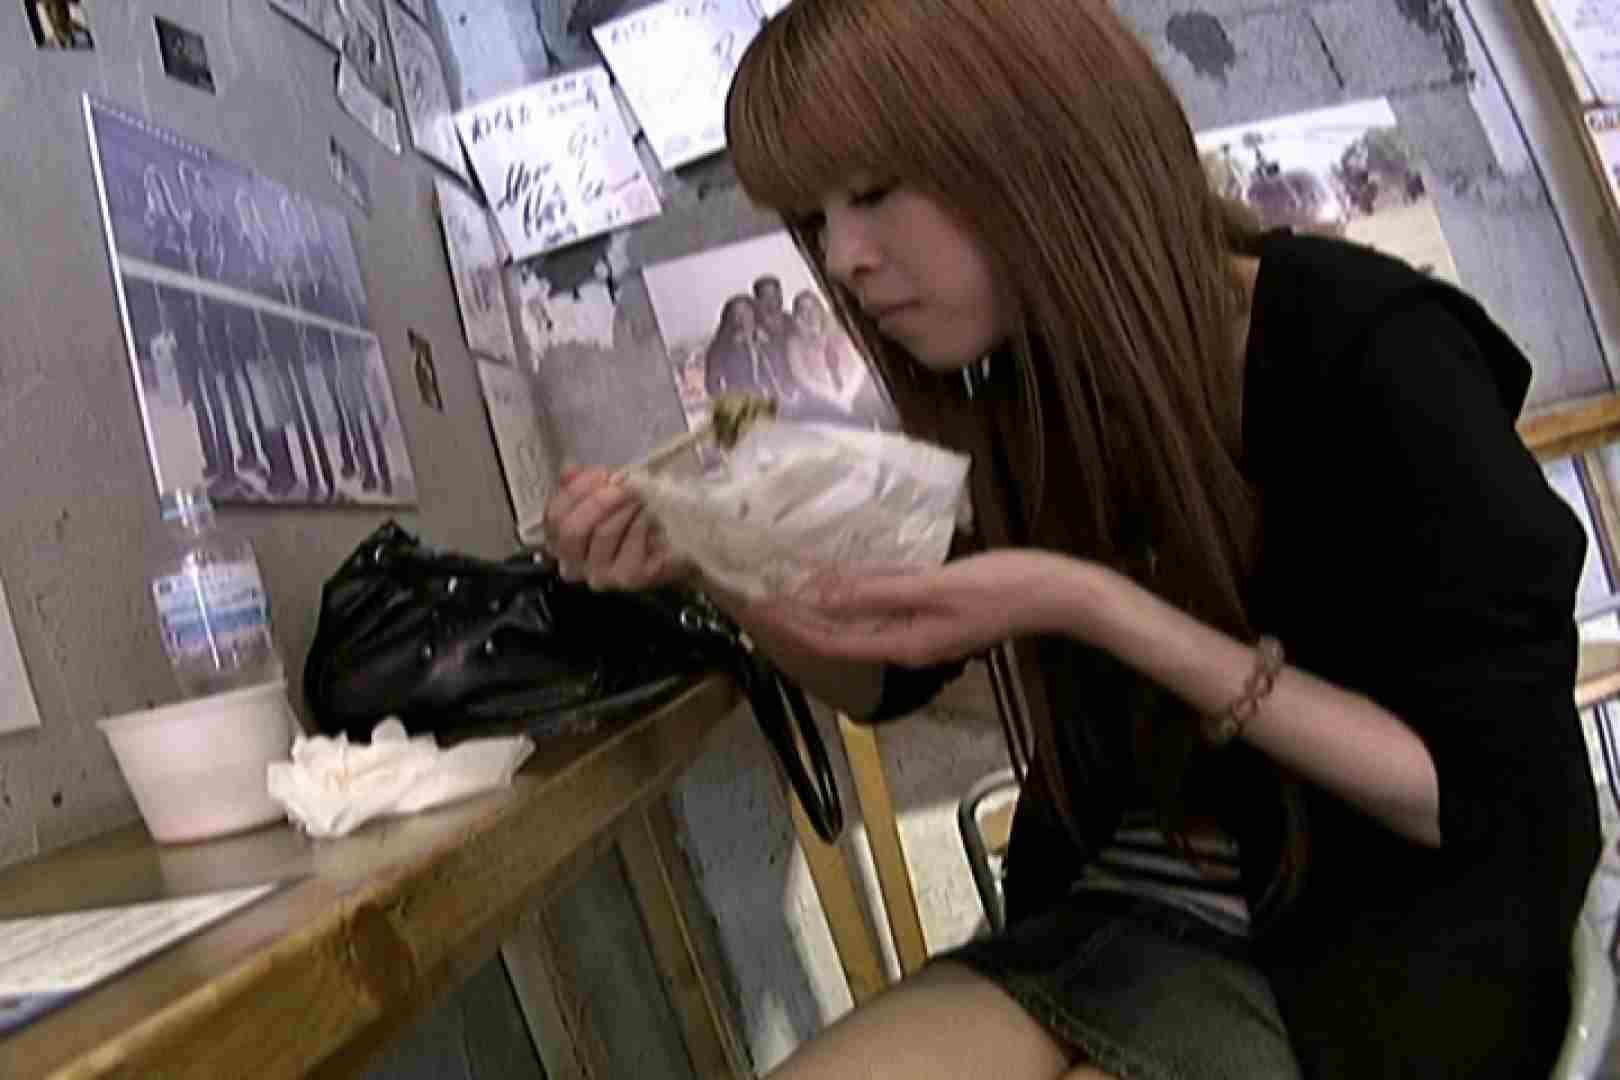 素人ナンパ本番撮り!出会い系でGET!Vol.08 ホテル オメコ動画キャプチャ 88連発 81